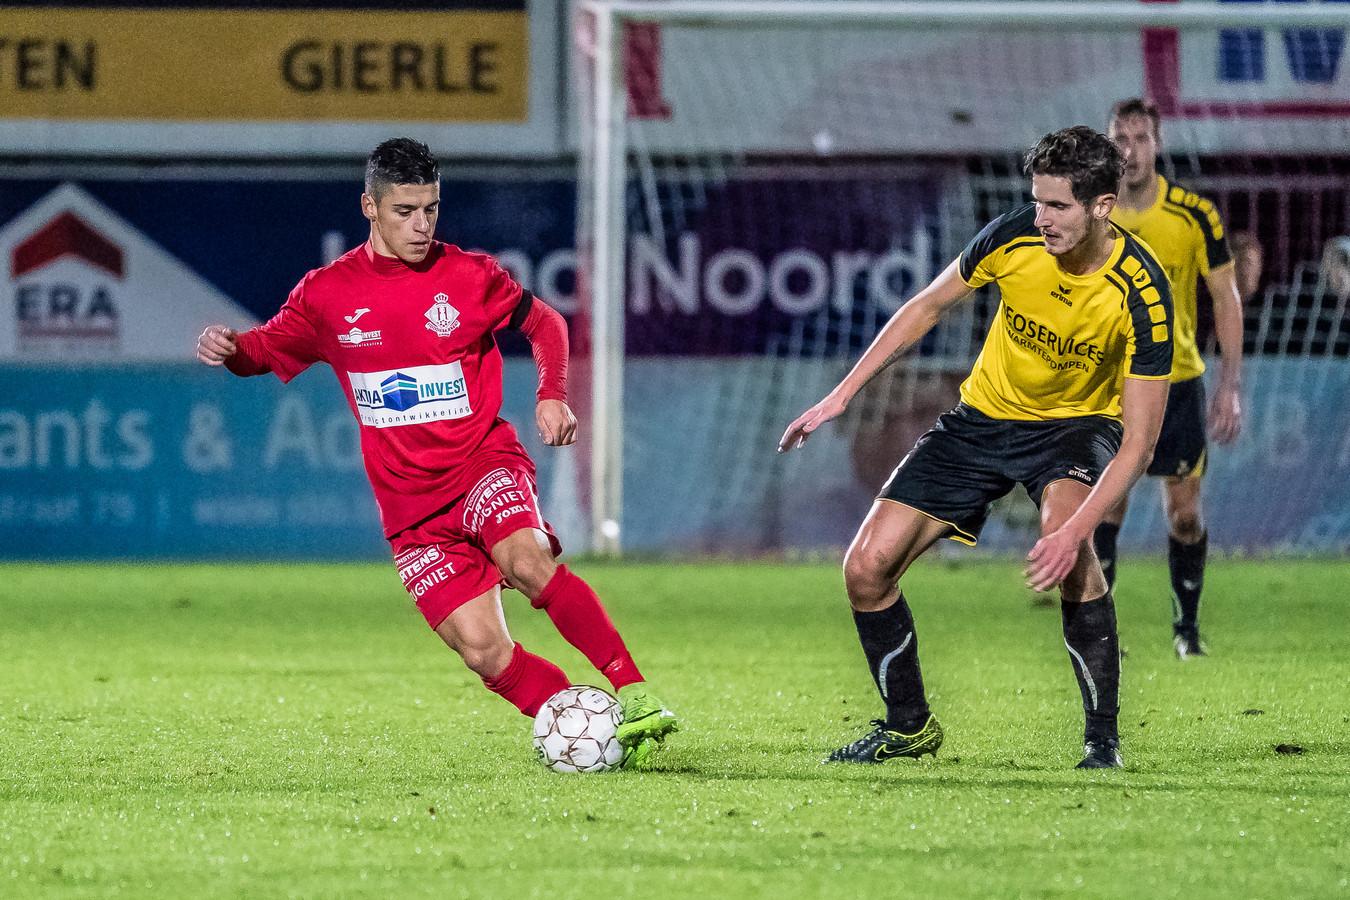 Tiago Faria da Silva in het shirt van Hoogstraten VV, in actie tegen Zwarte Leeuw, de club waar hij nu gaat spelen. Seizoen 2017-2018